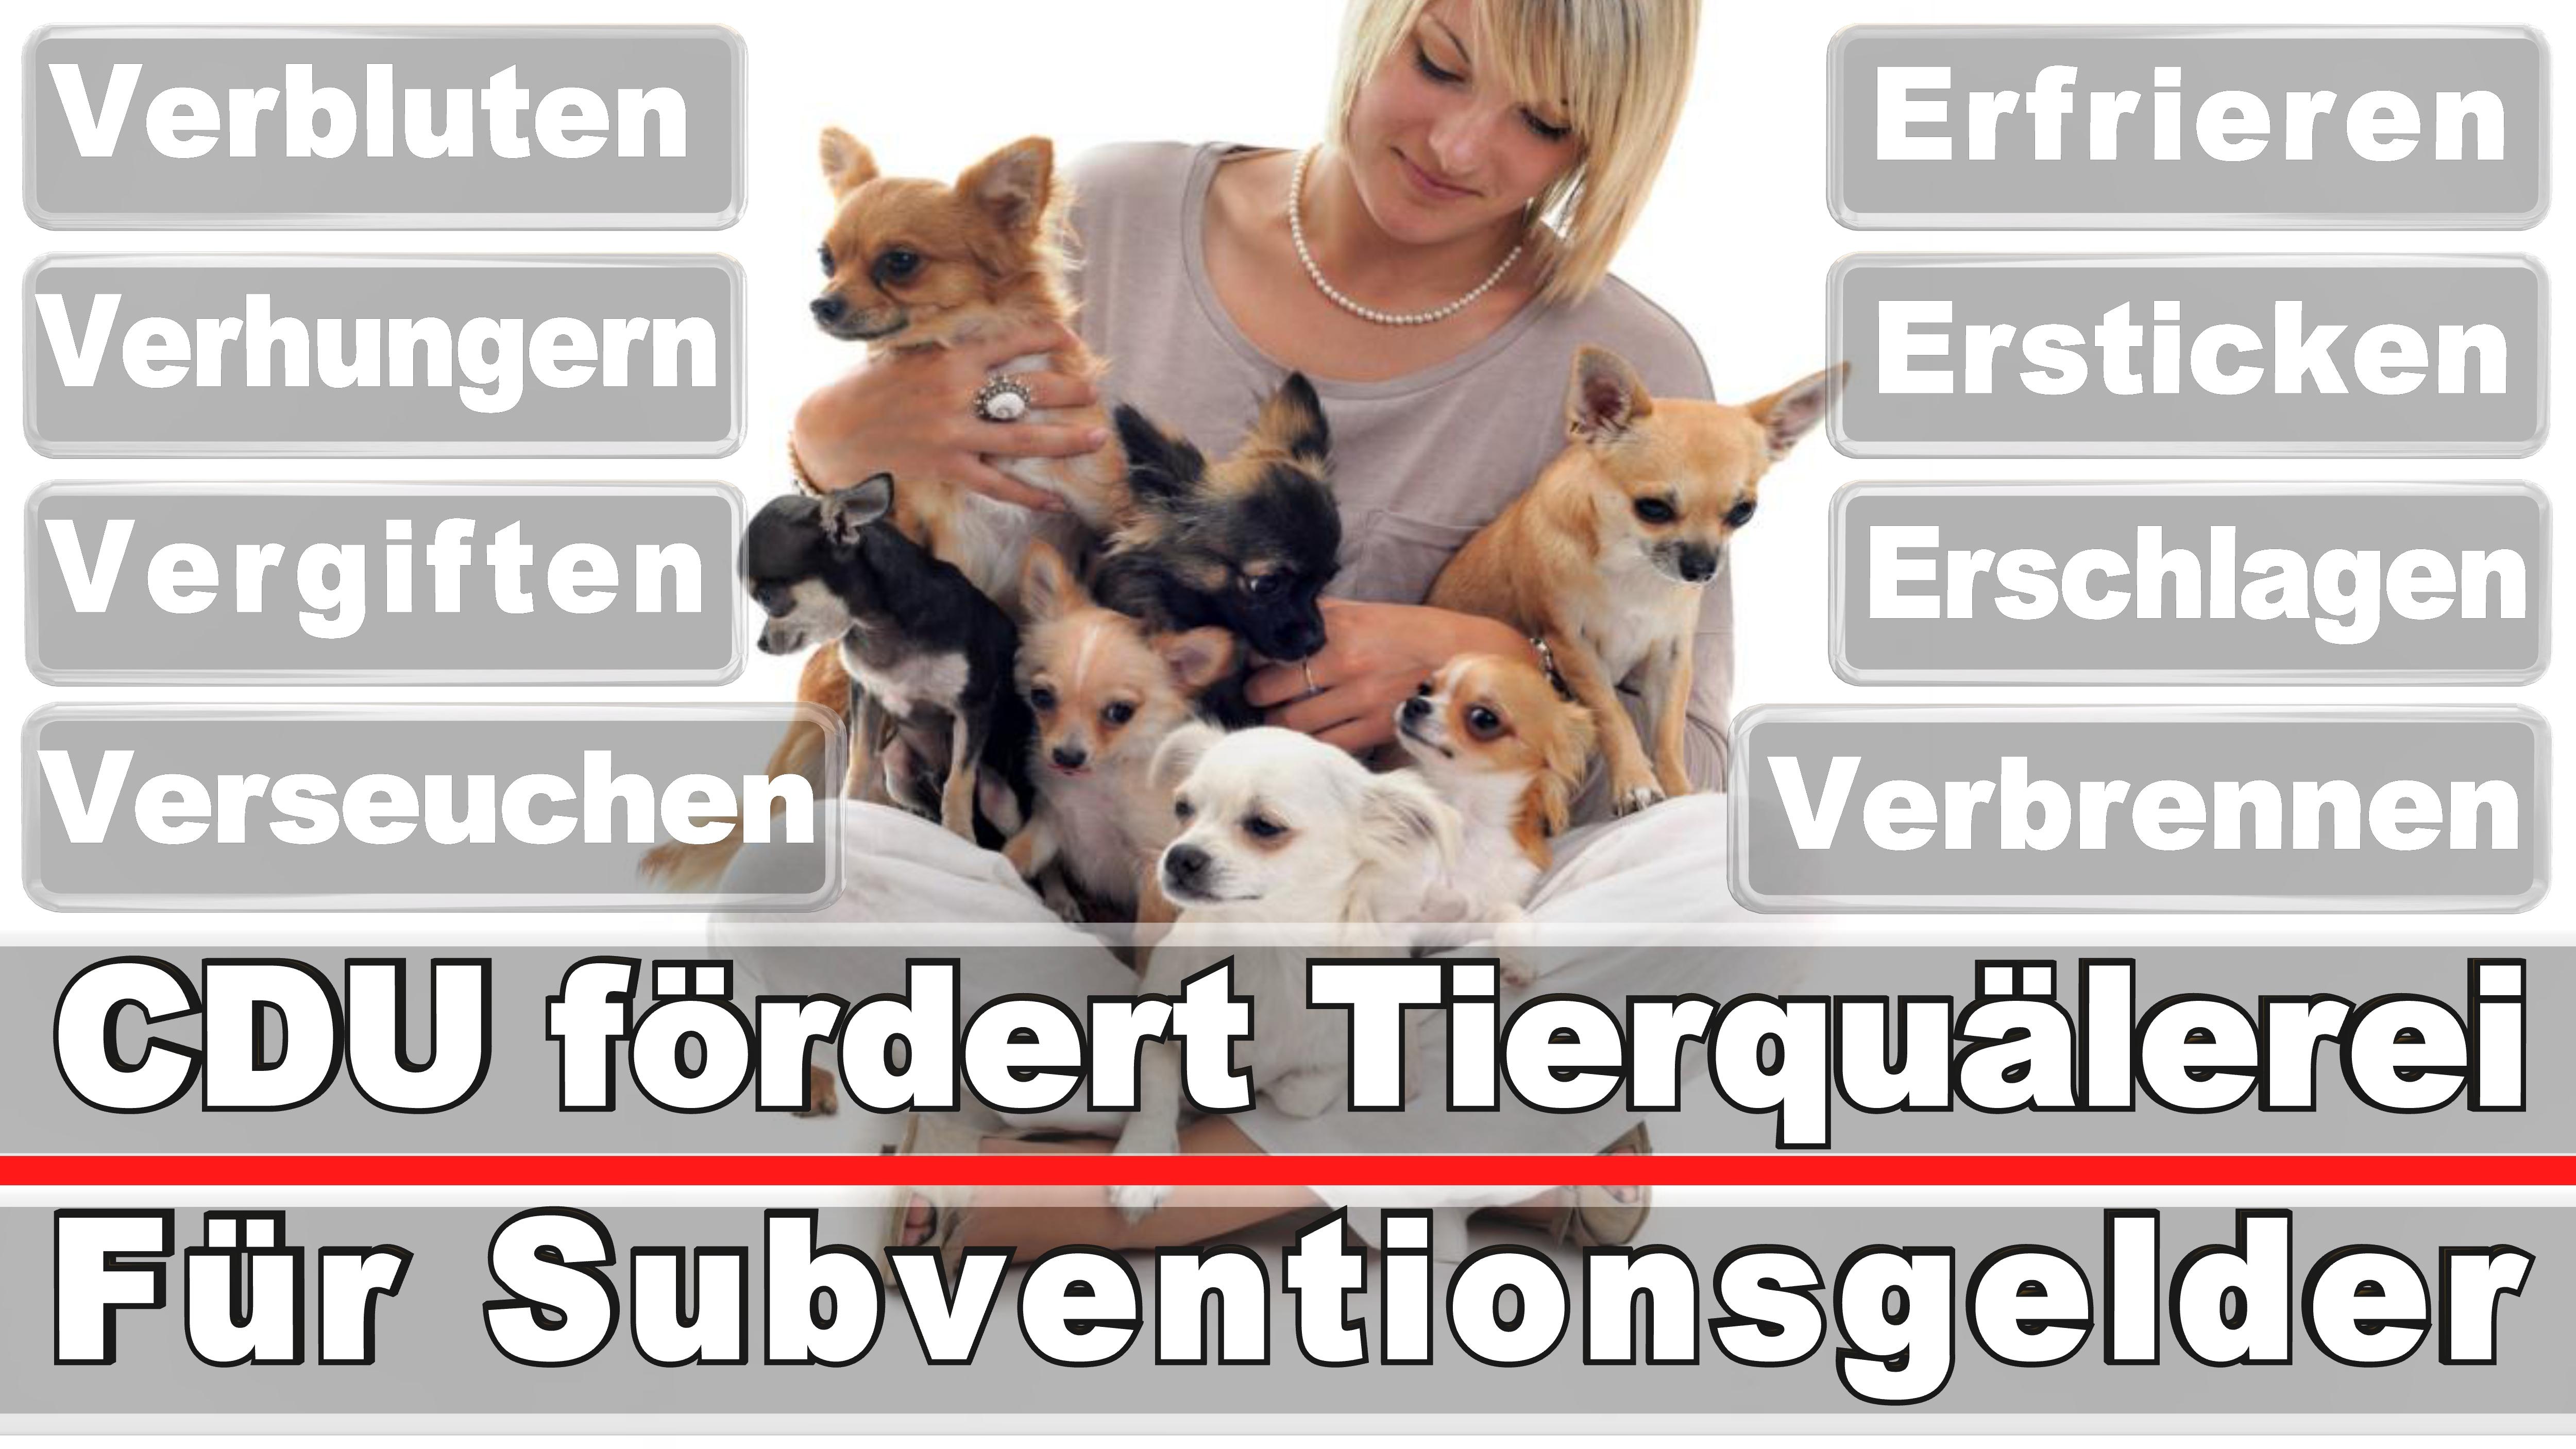 Landtagswahl-Bundestagswahl-CDU-SPD-FDP-AFD-Linke-Piraten (22)